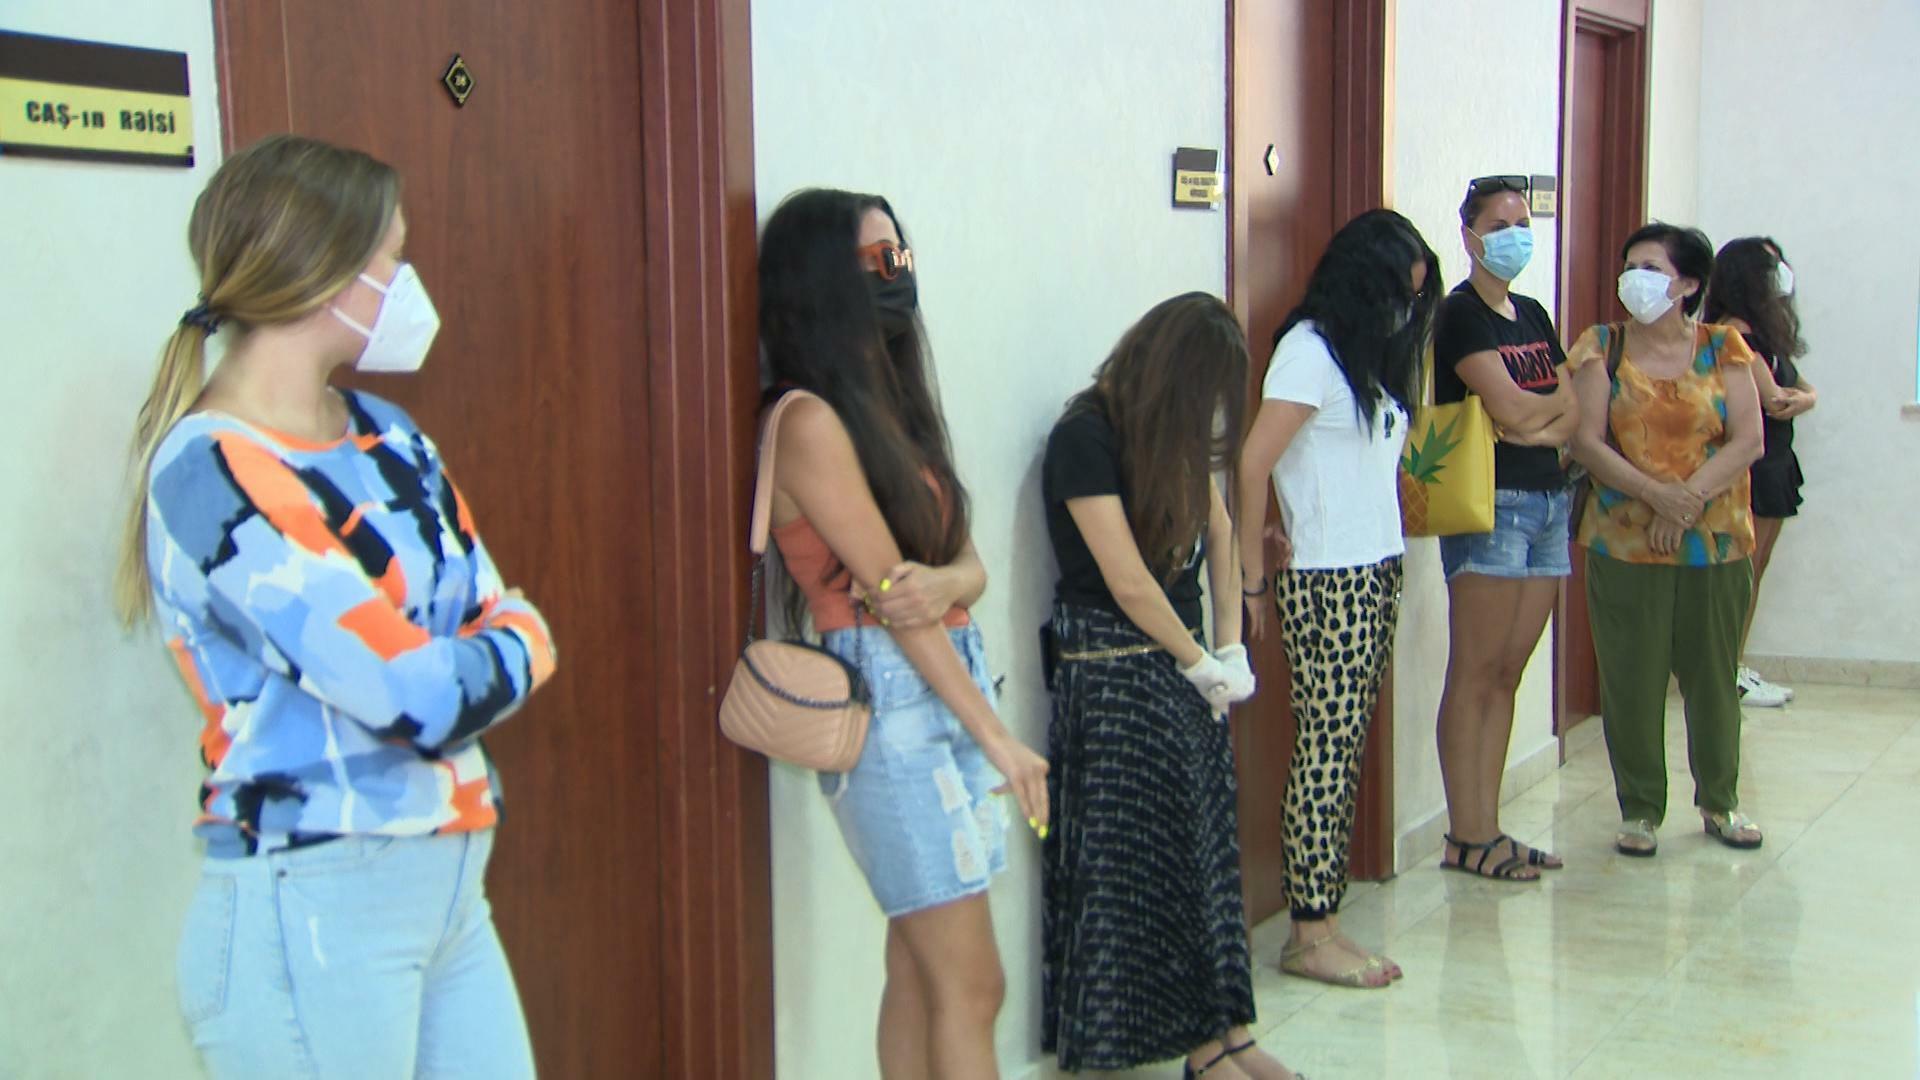 Polis Bakının məşhur otelində əməliyyat keçirdi - Video/Foto